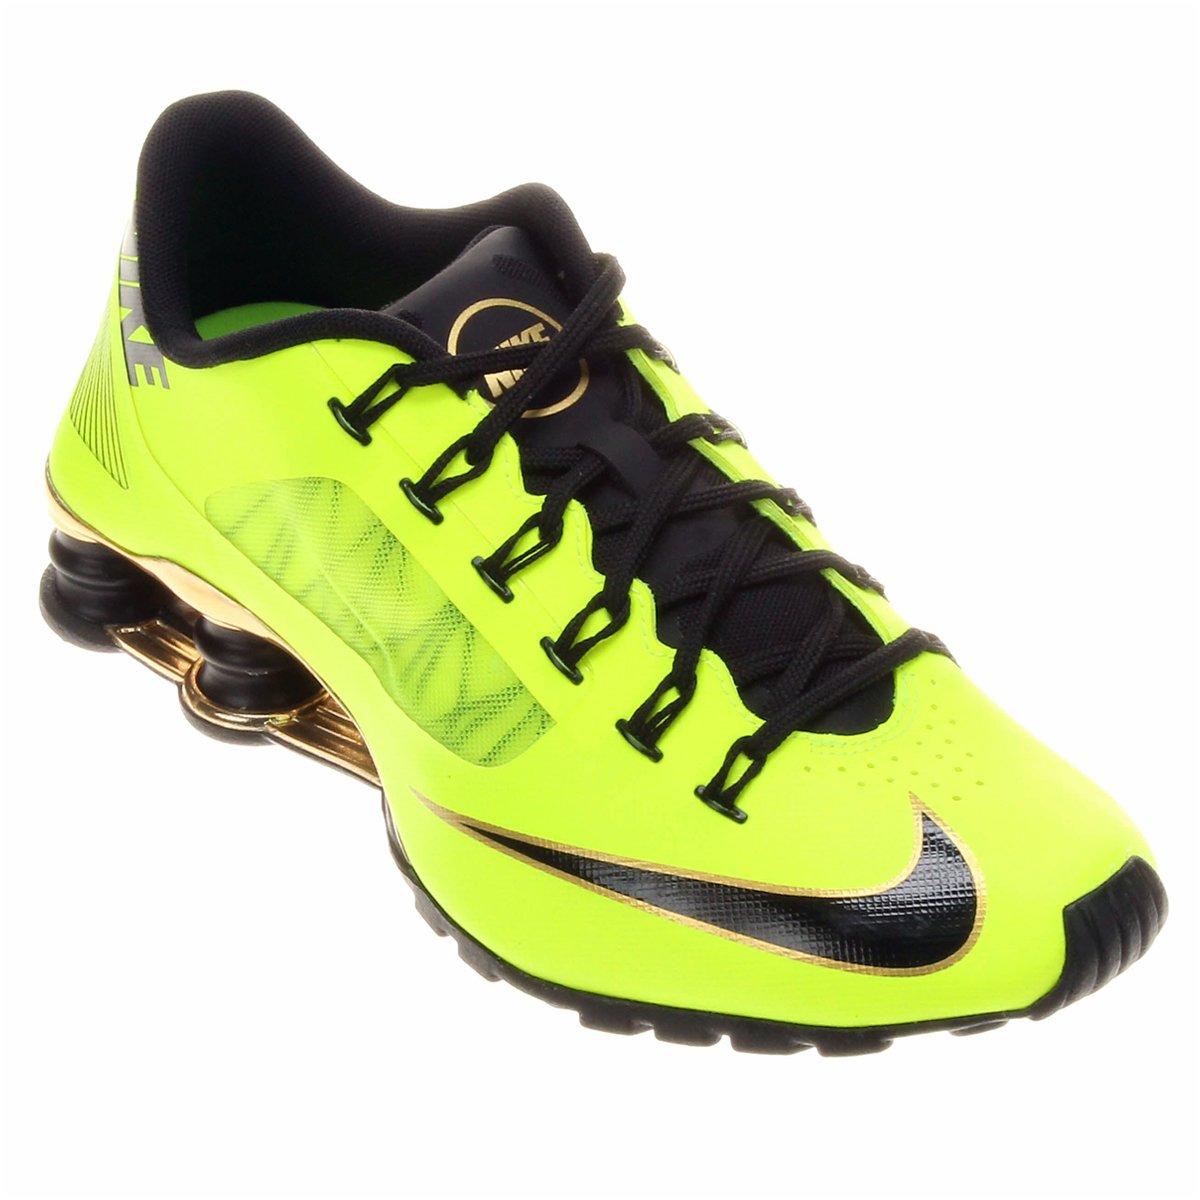 brand new 7e374 21e86 ... Tênis Nike Shox Superfly R4 - Verde Limão e Preto ...